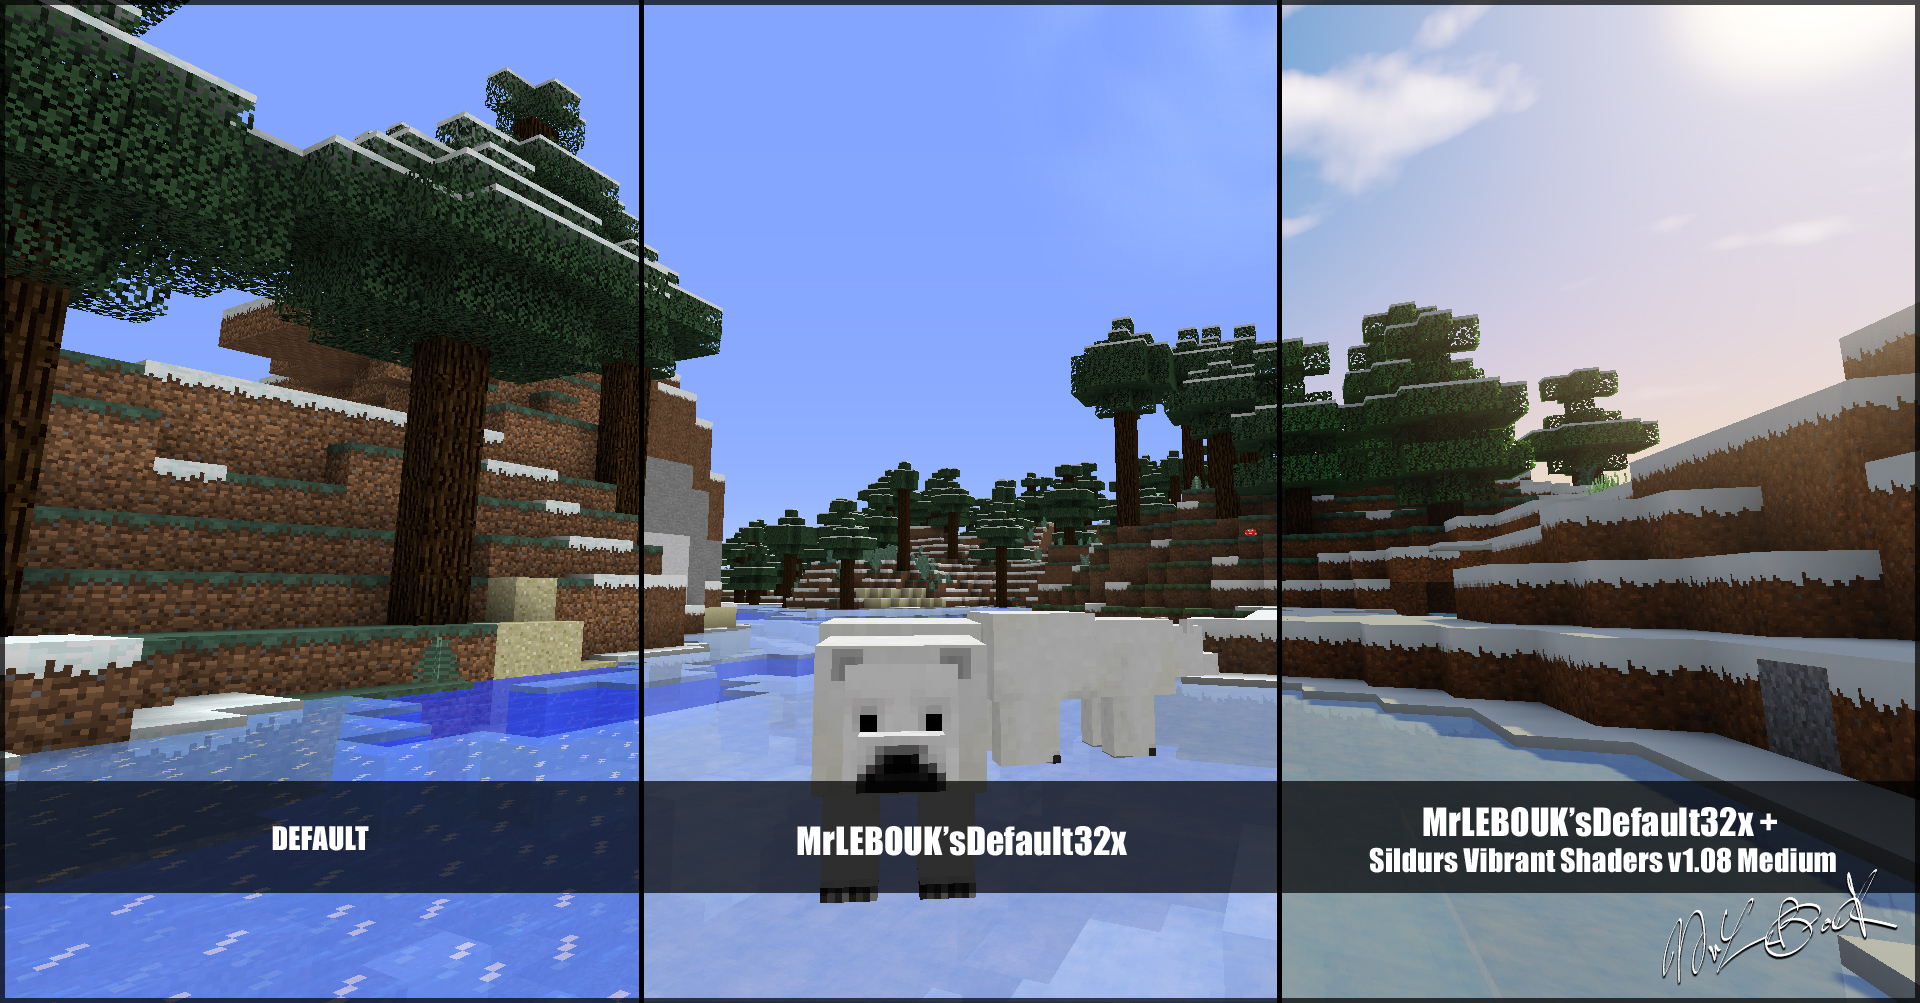 Rivière gelée et ours : Resource pack minecraft MrLEBOUK'SDEFAUT32x